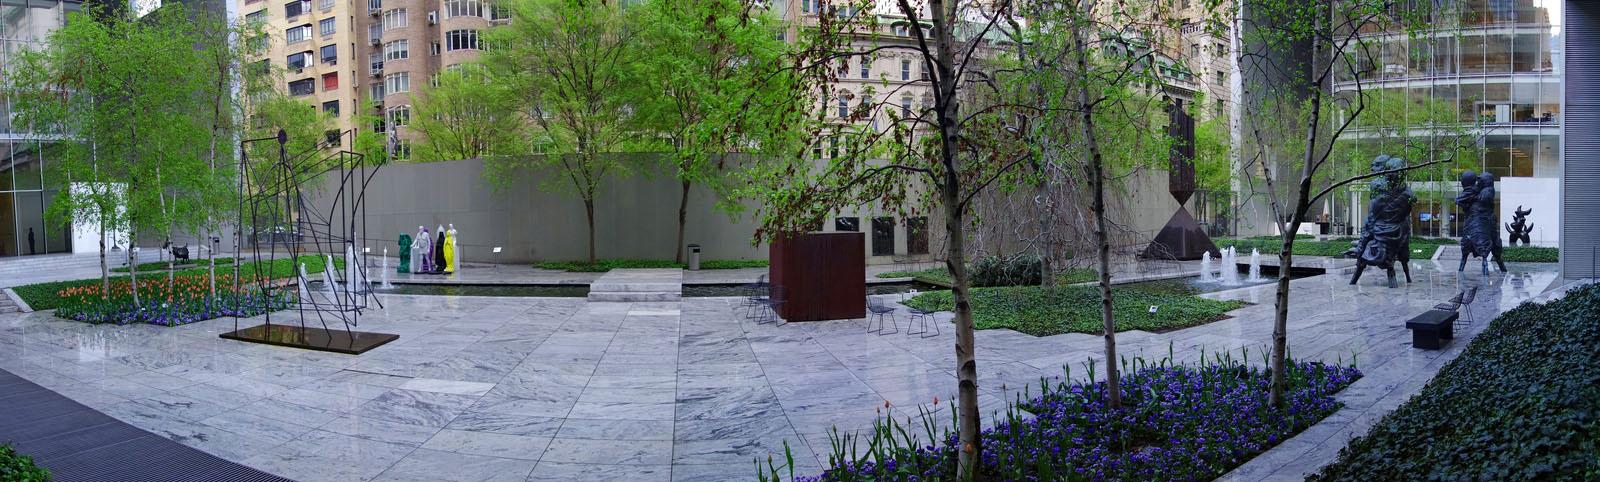 Abby Aldrich Rockefeller Sculpture Garden MoMA